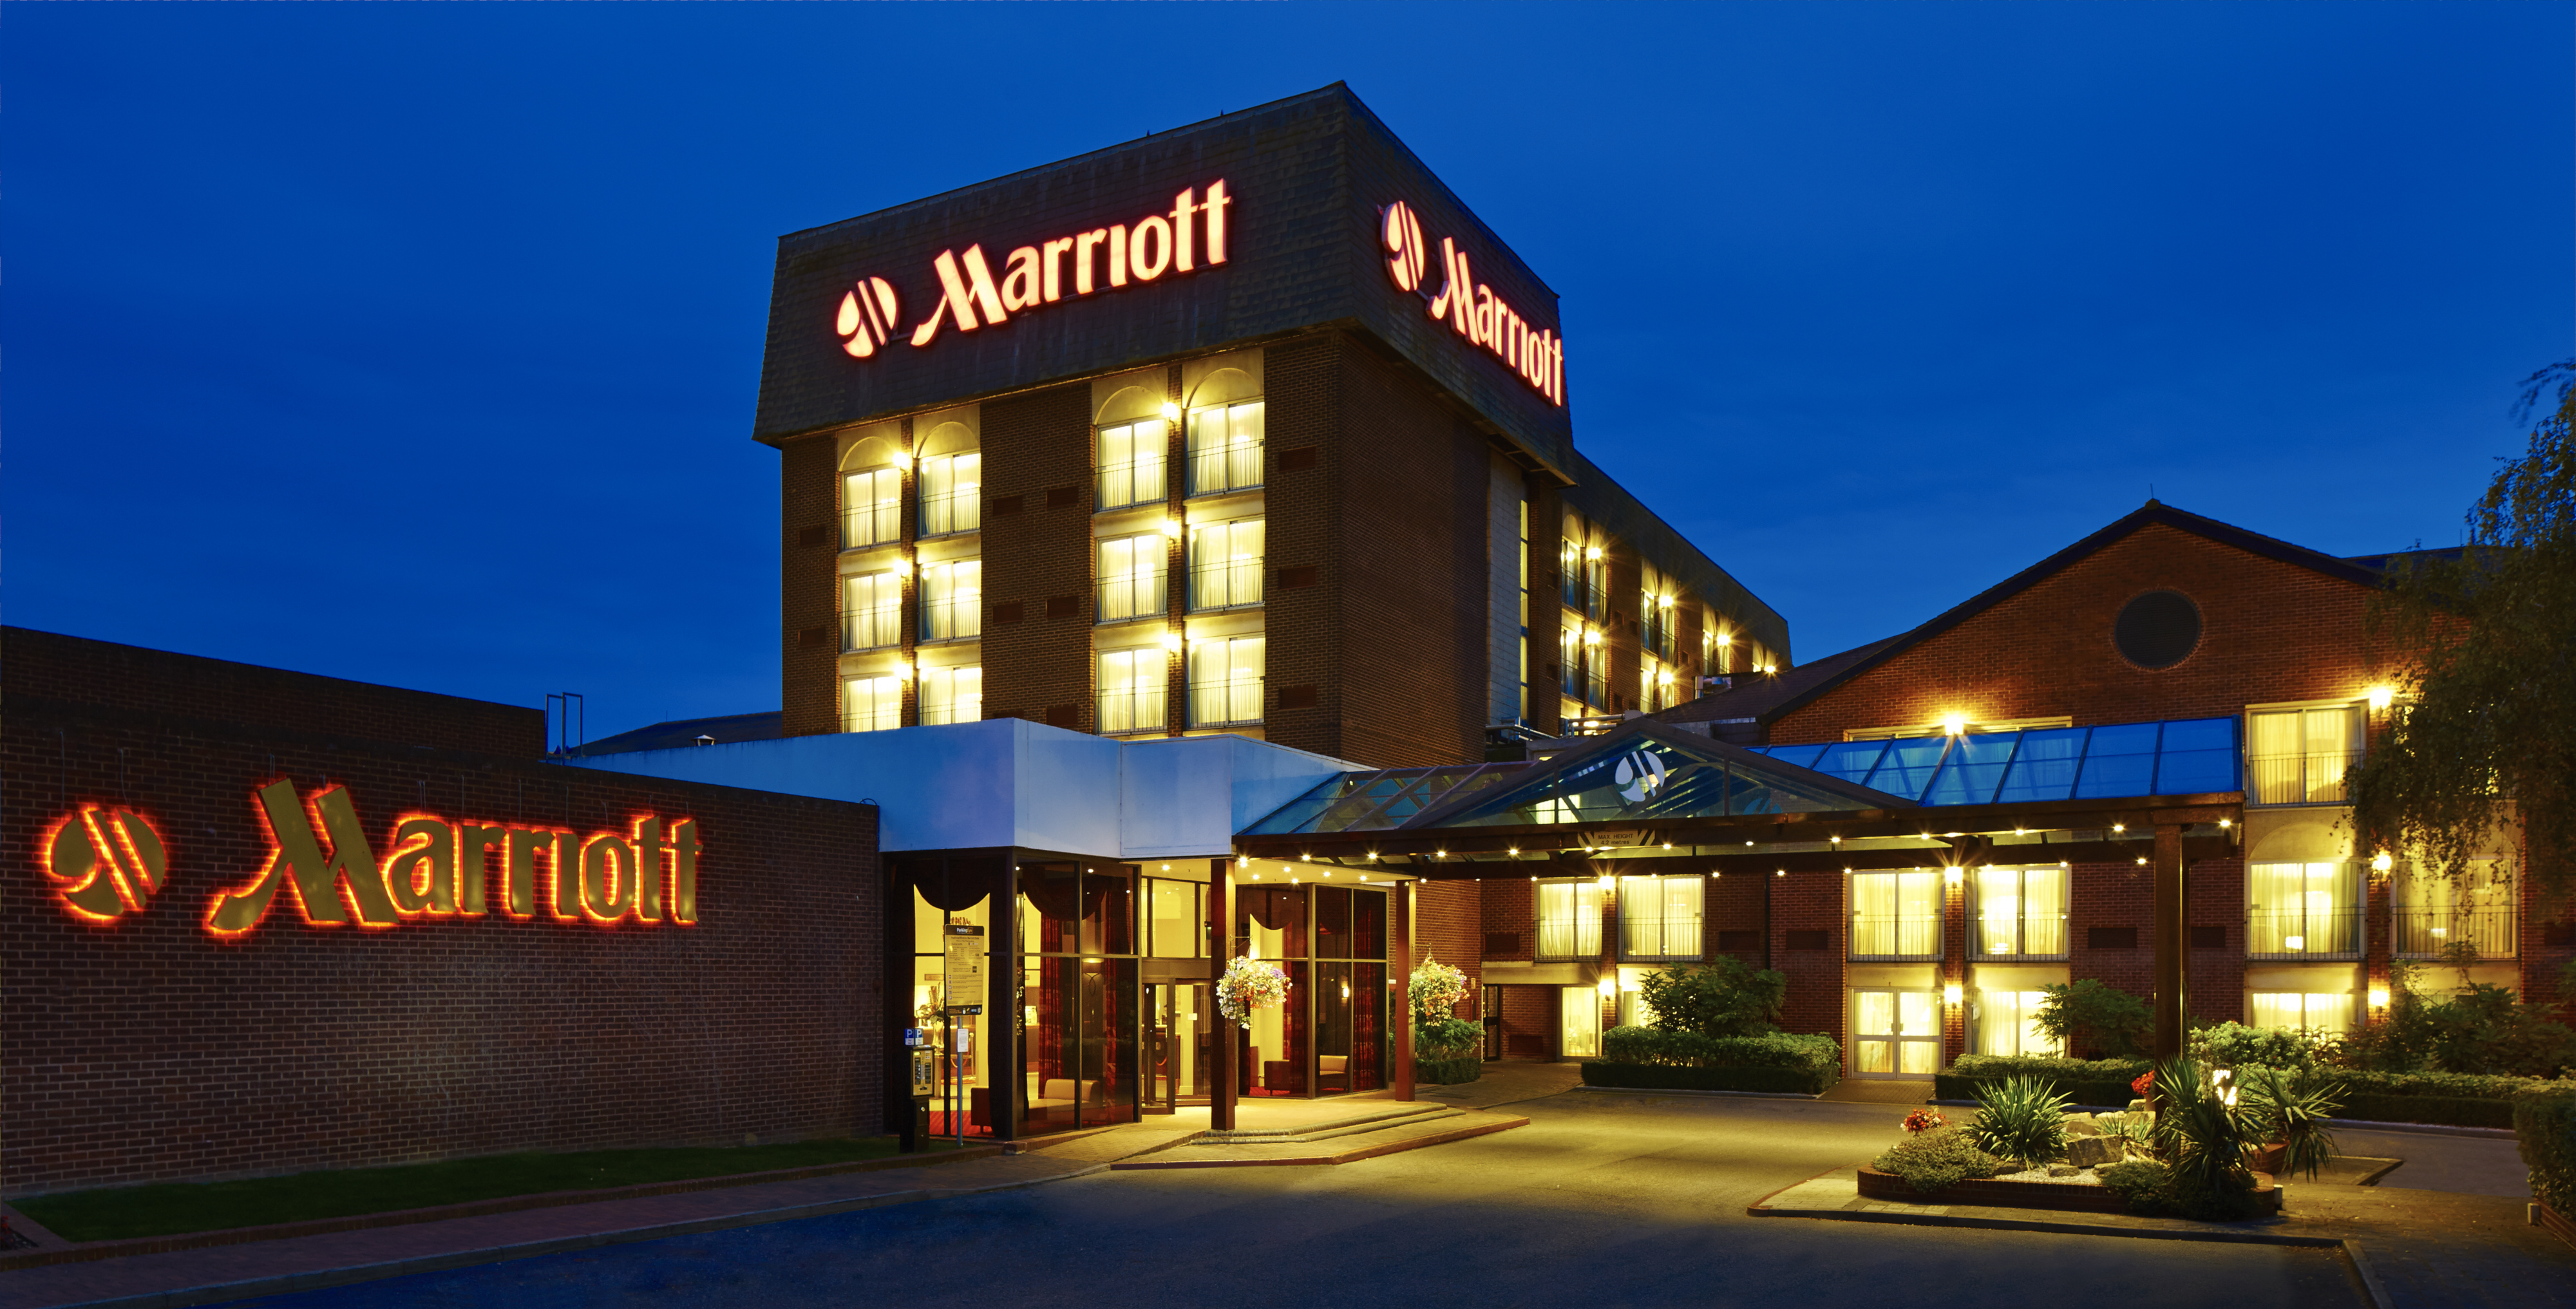 Heathrow Airport Hotels Marriott